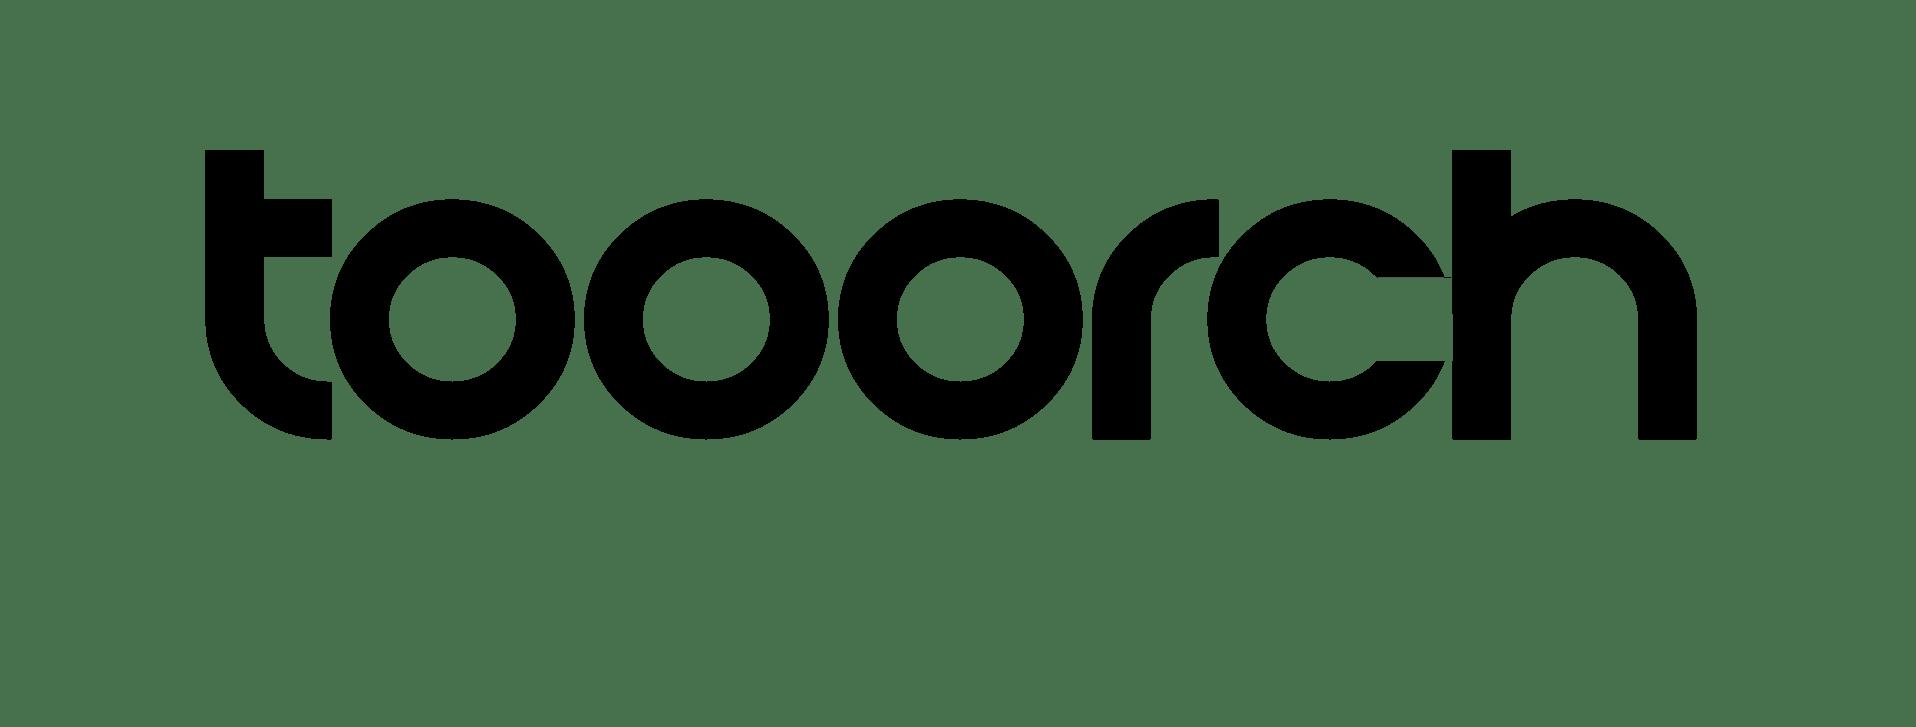 Tooorch